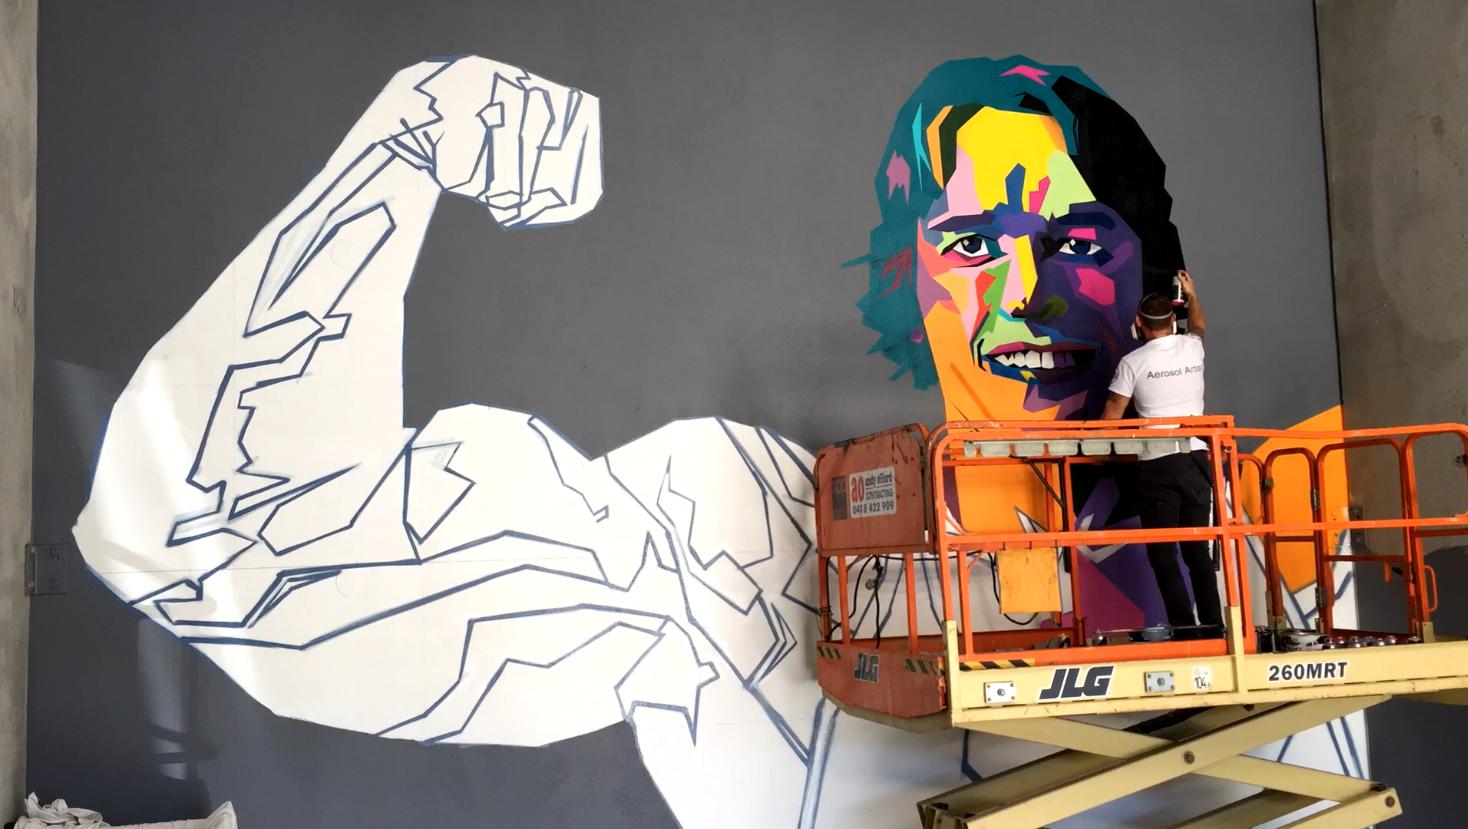 street artist painting mural of Arnold schwarzenegger